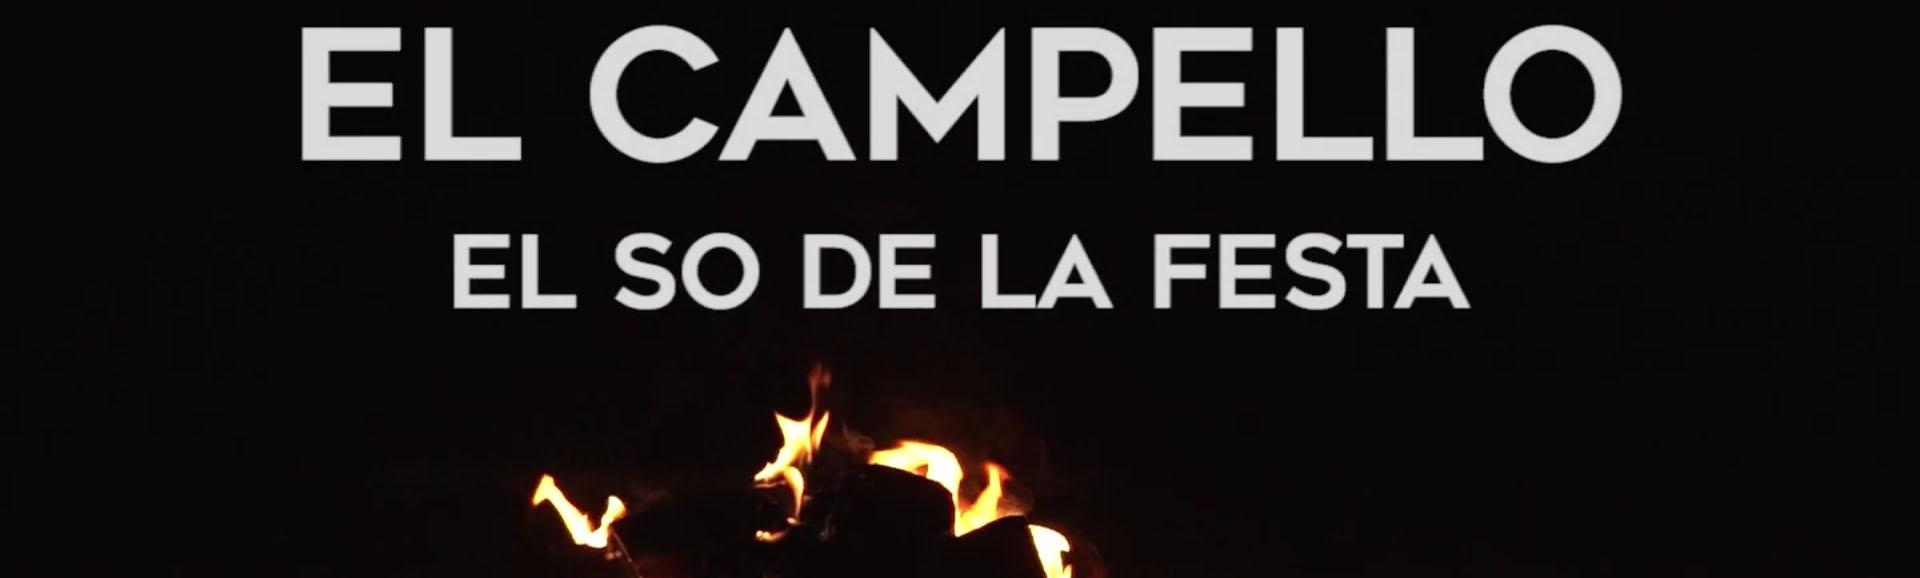 Permalink to: Campaña FITUR 2019 El Campello